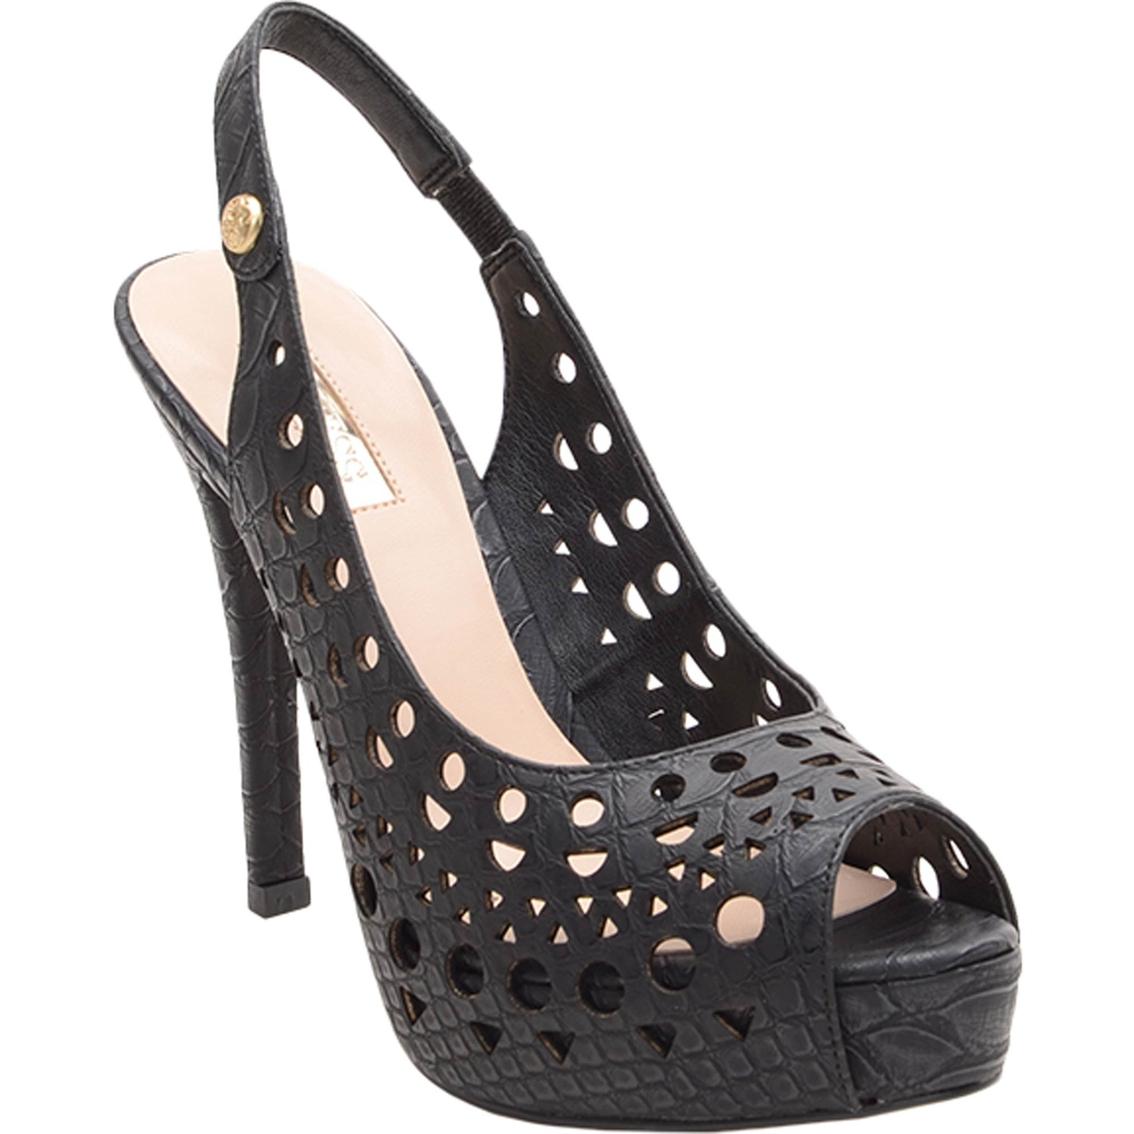 1c7ca42f110 Guess Almirra 2 Sling Platform Sandals